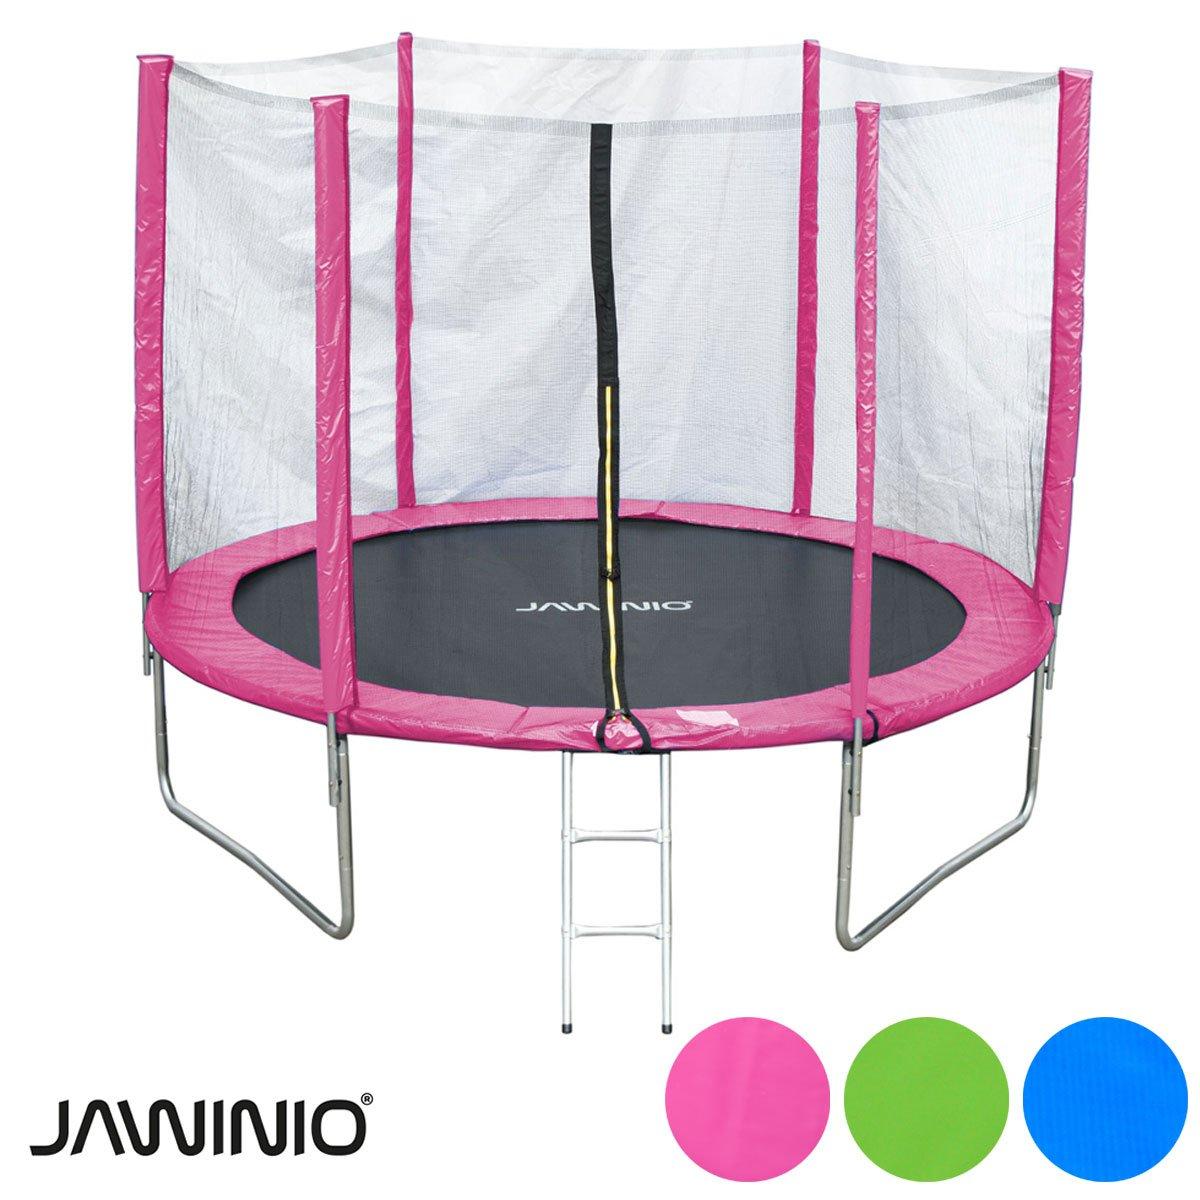 Jawinio Trampolin 244 cm (8F) Gartentrampolin Jumper Komplett-Set